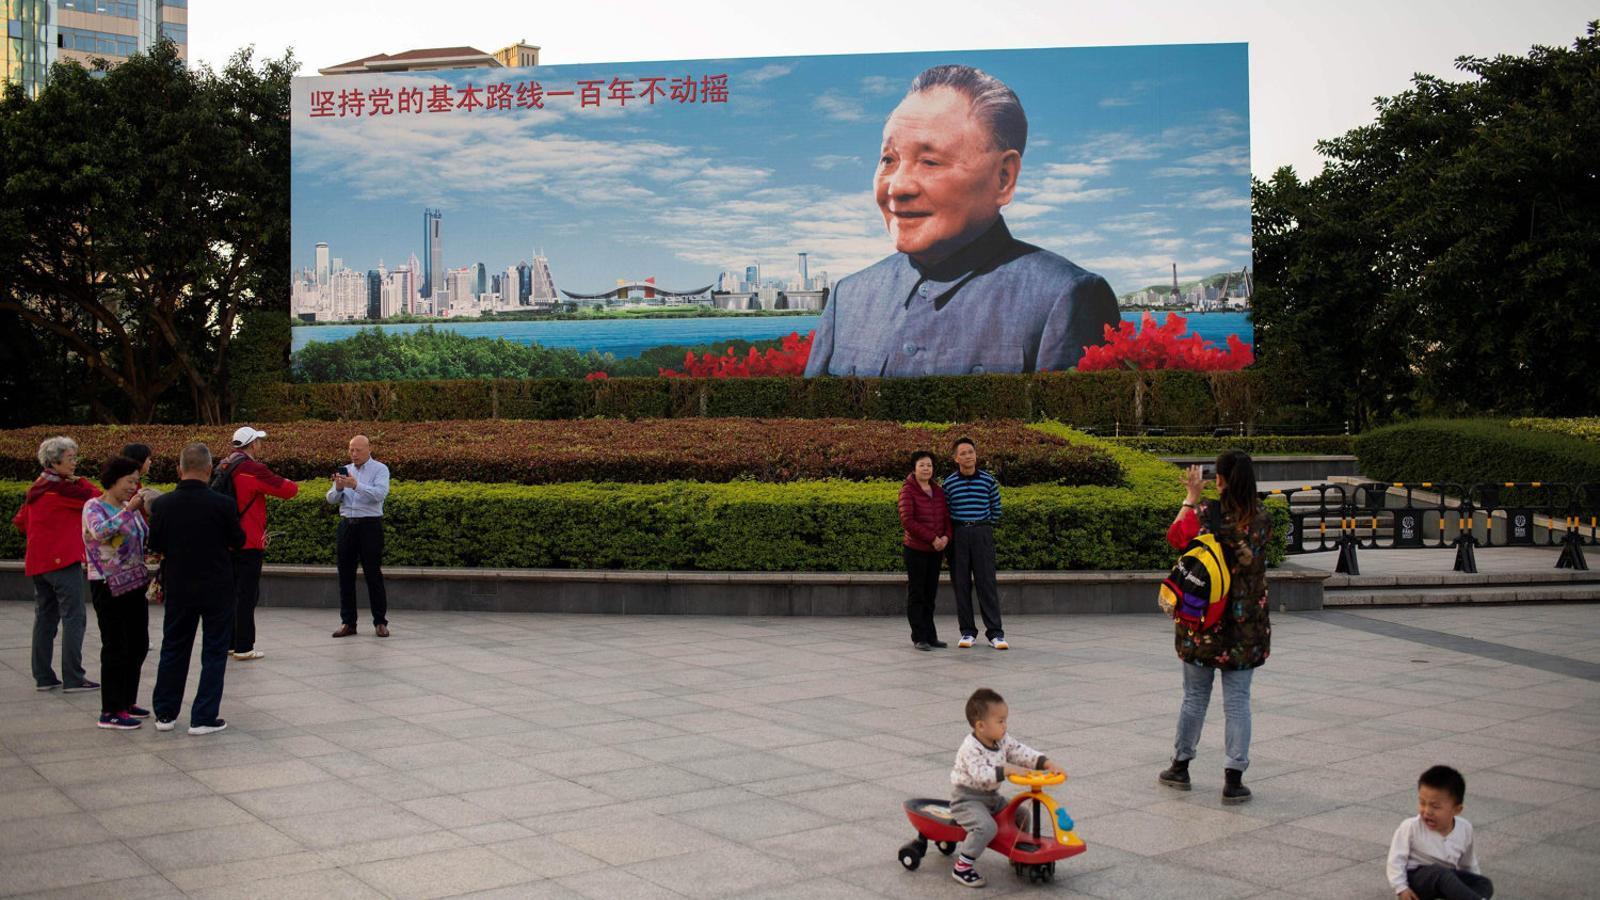 Quaranta anys de reformes  que han transformat la Xina